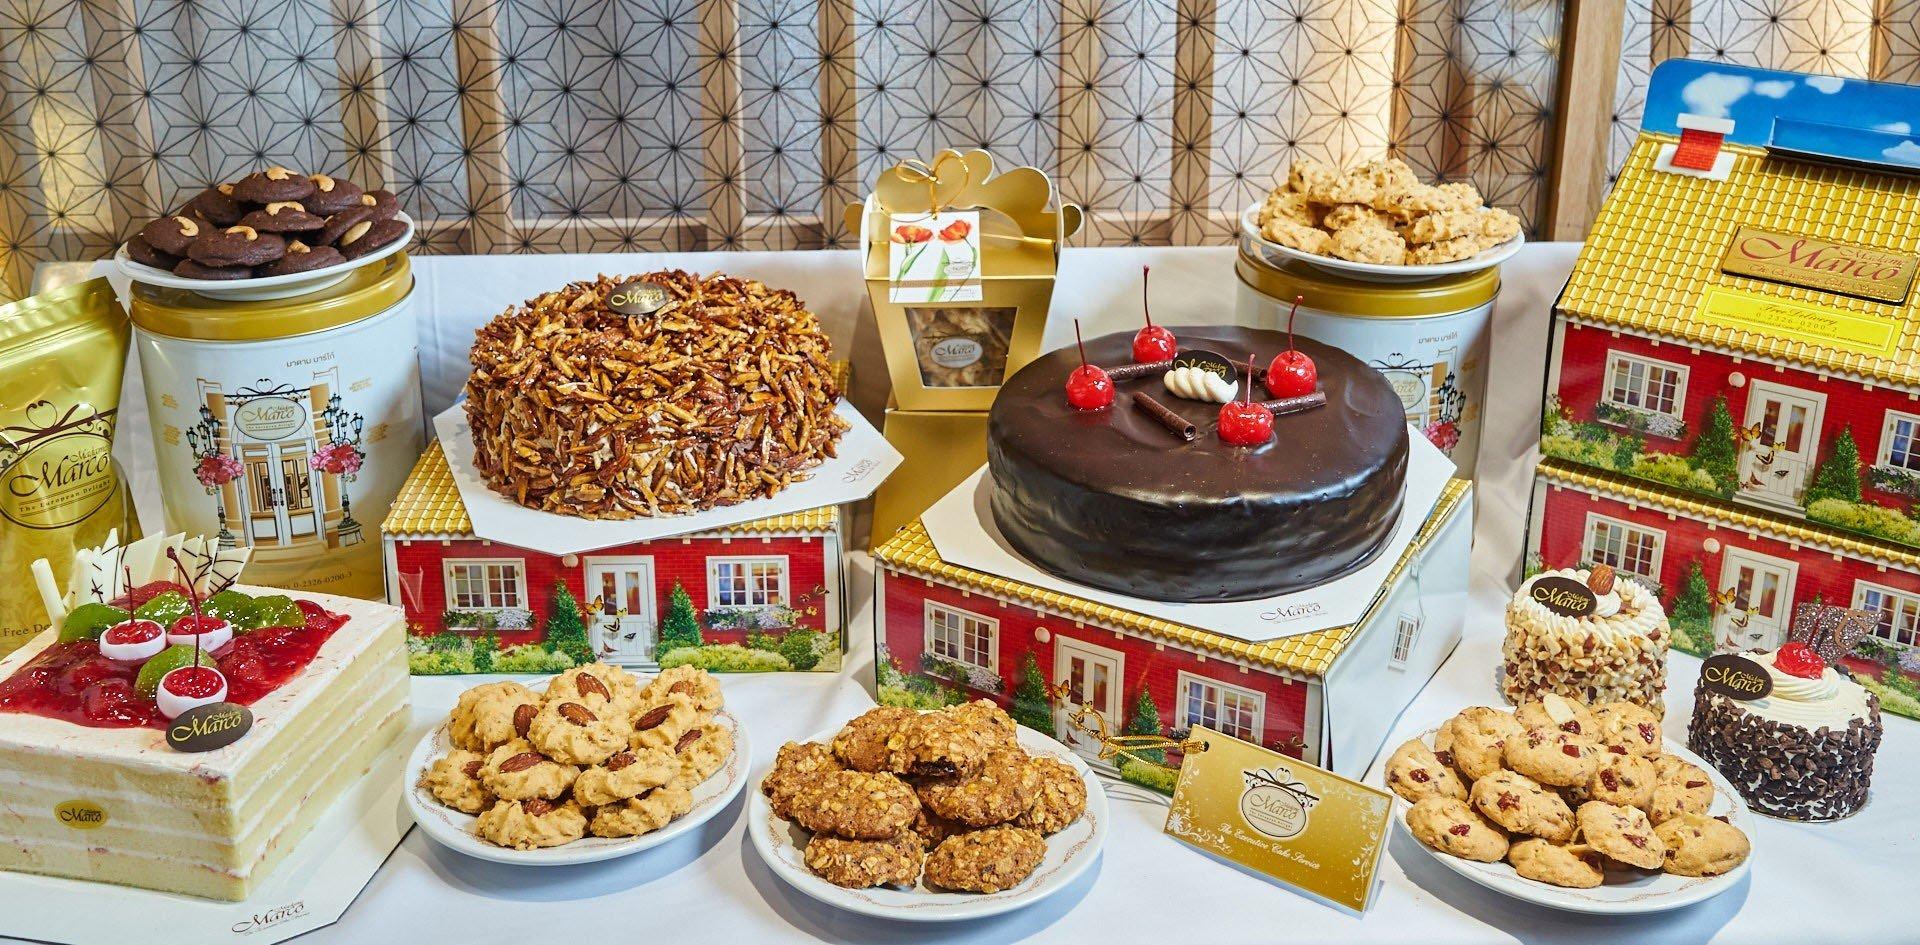 """[รีวิว] """"Madame Marco"""" ร้านเค้กสไตล์ยุโรป พร้อมมอบความสุขทุกช่วงเวลา!"""